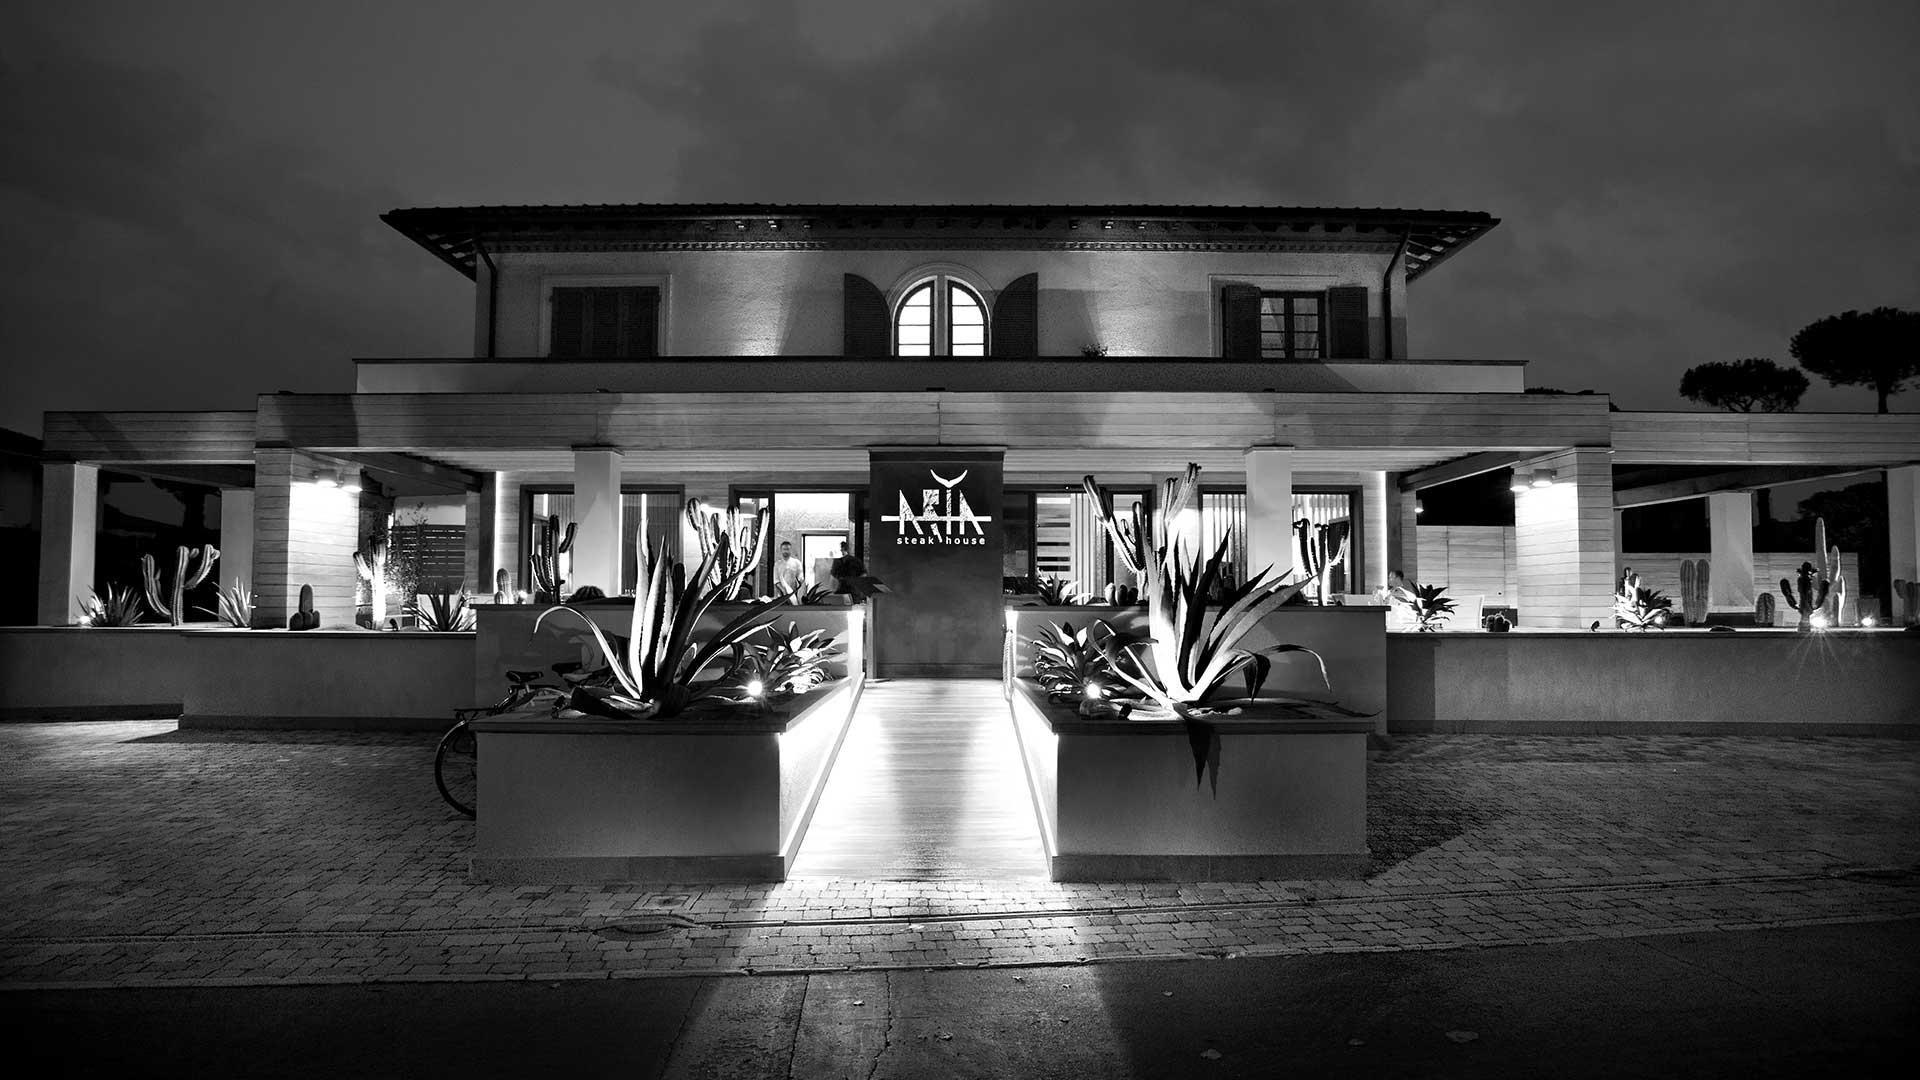 aria steak house